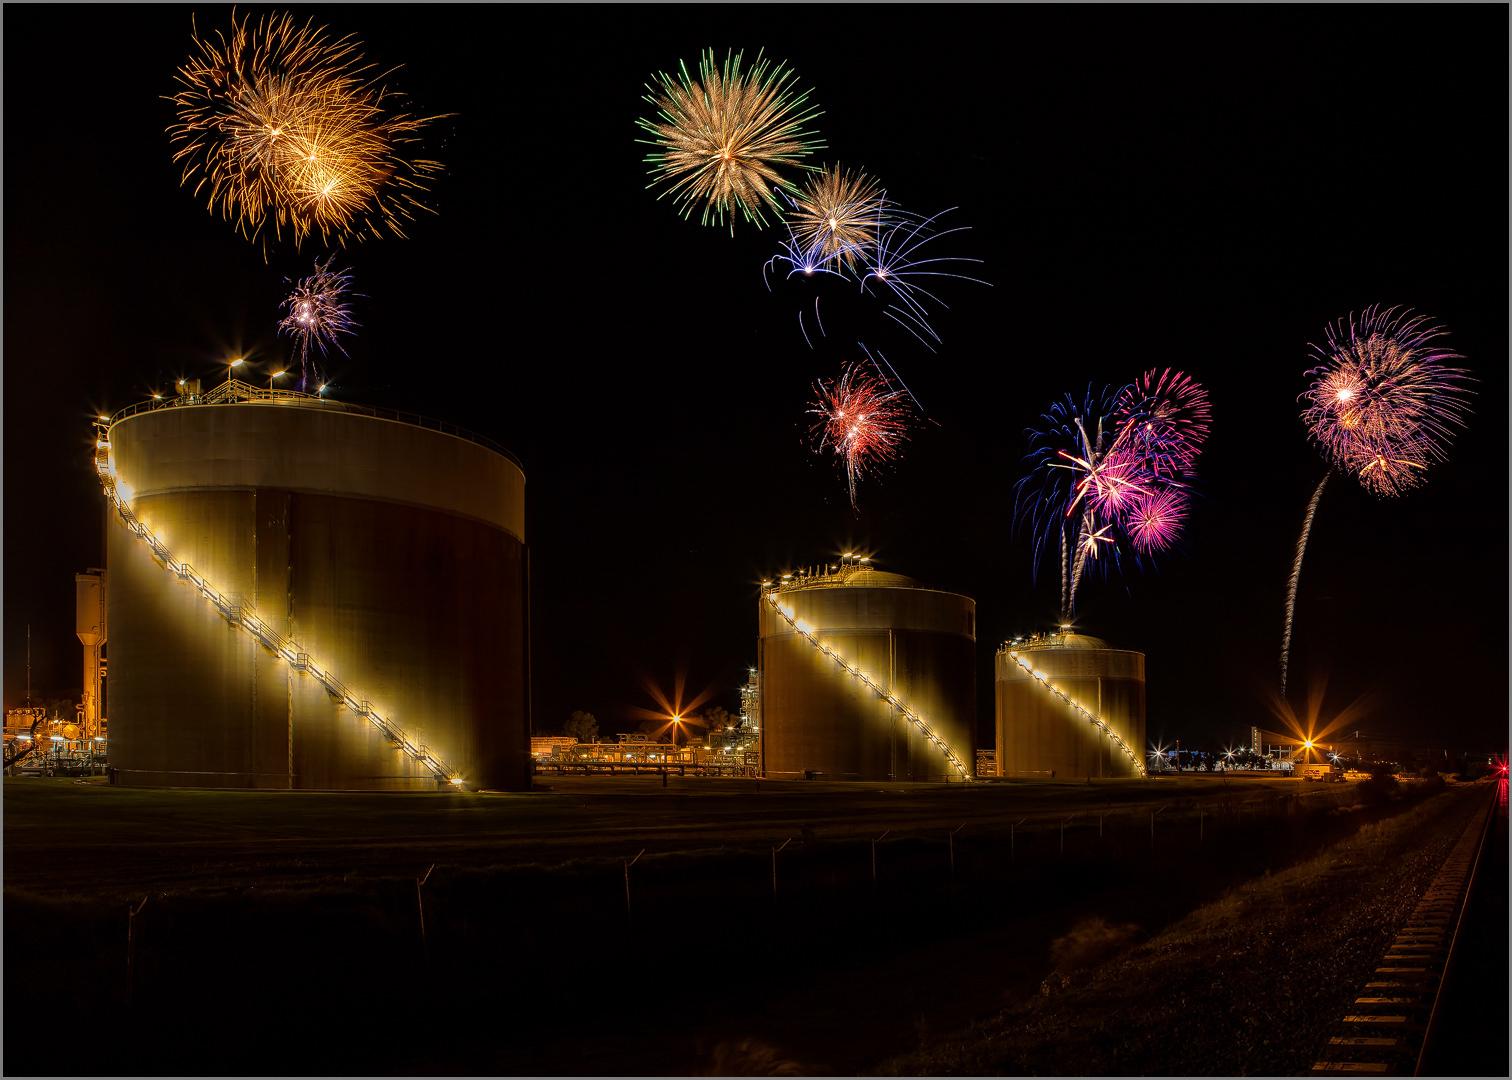 Kwinana Fireworks